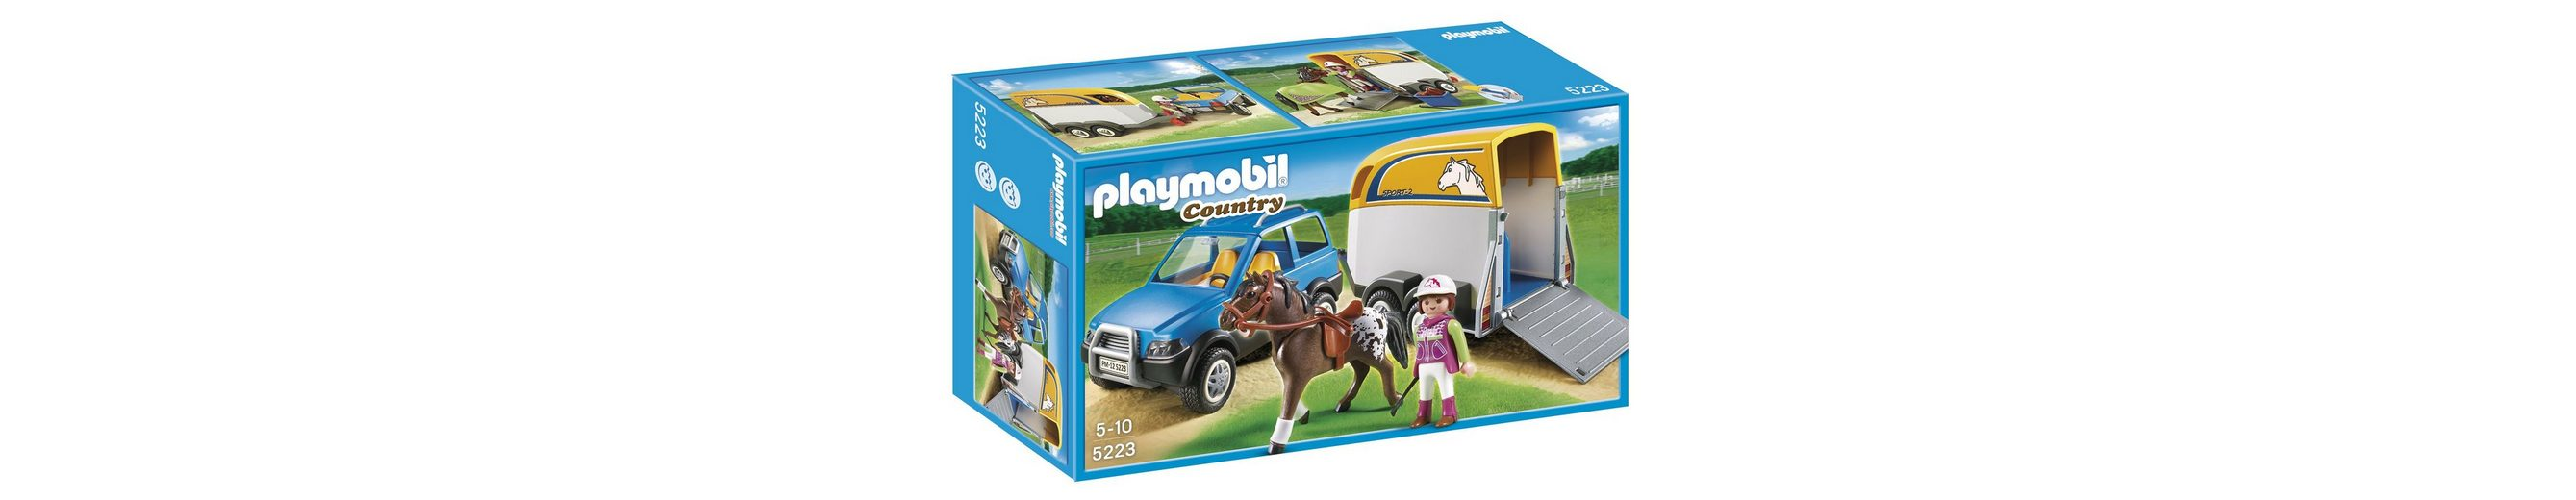 Playmobil® PKW mit Pferdeanhänger (5223), Country